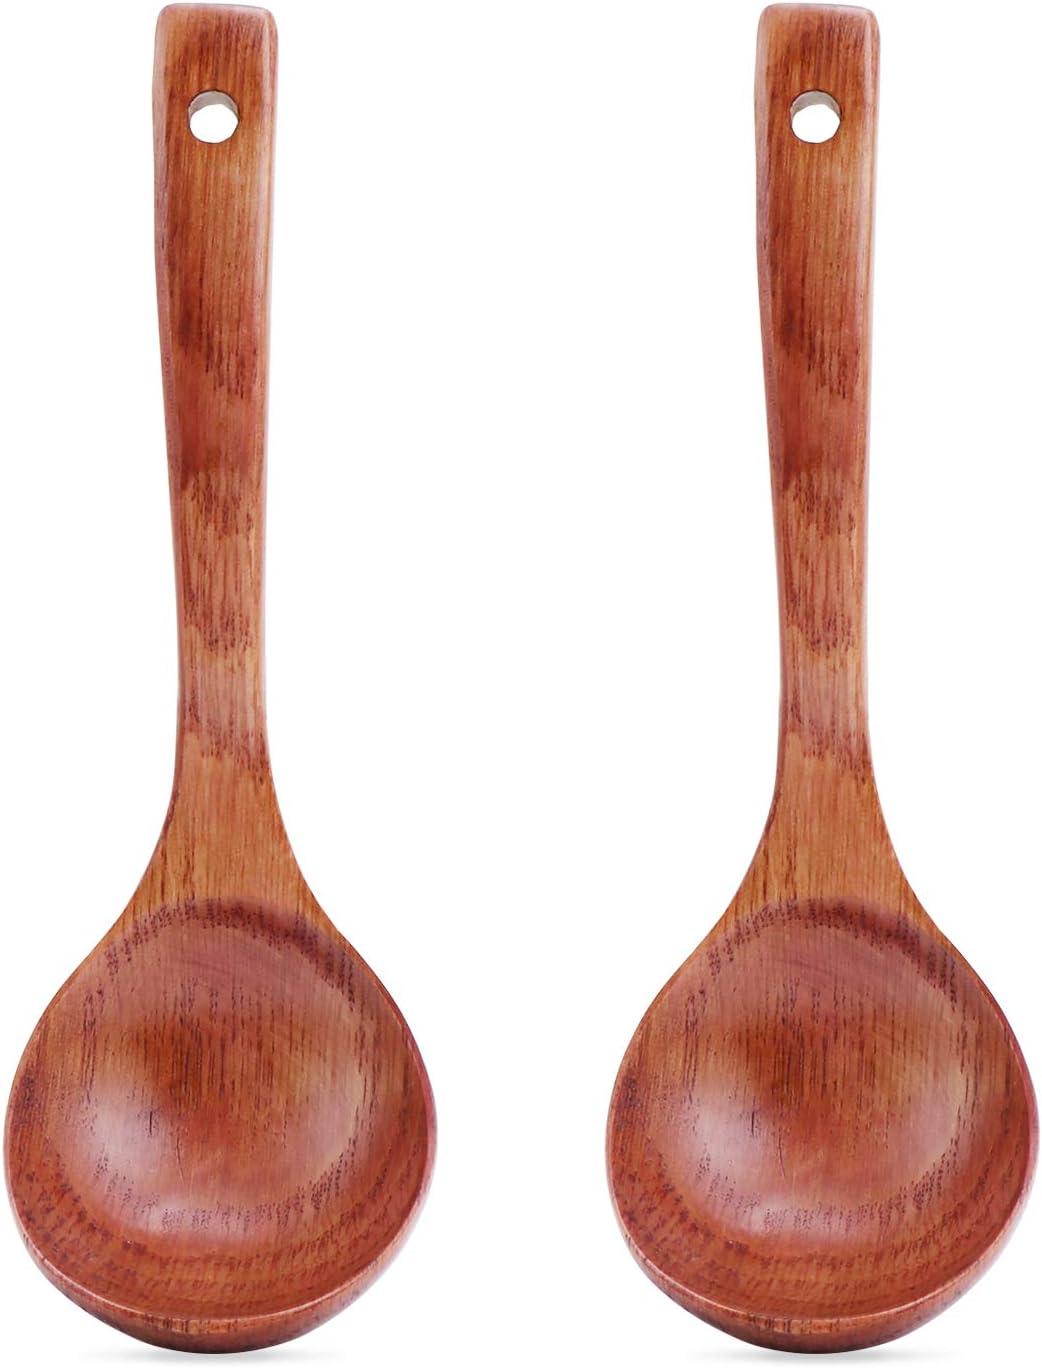 Cocina De Casa Tamaño 3 Madera Cuchara de Madera profundo Cocinar Sopa Gachas Cuchara Utensilio